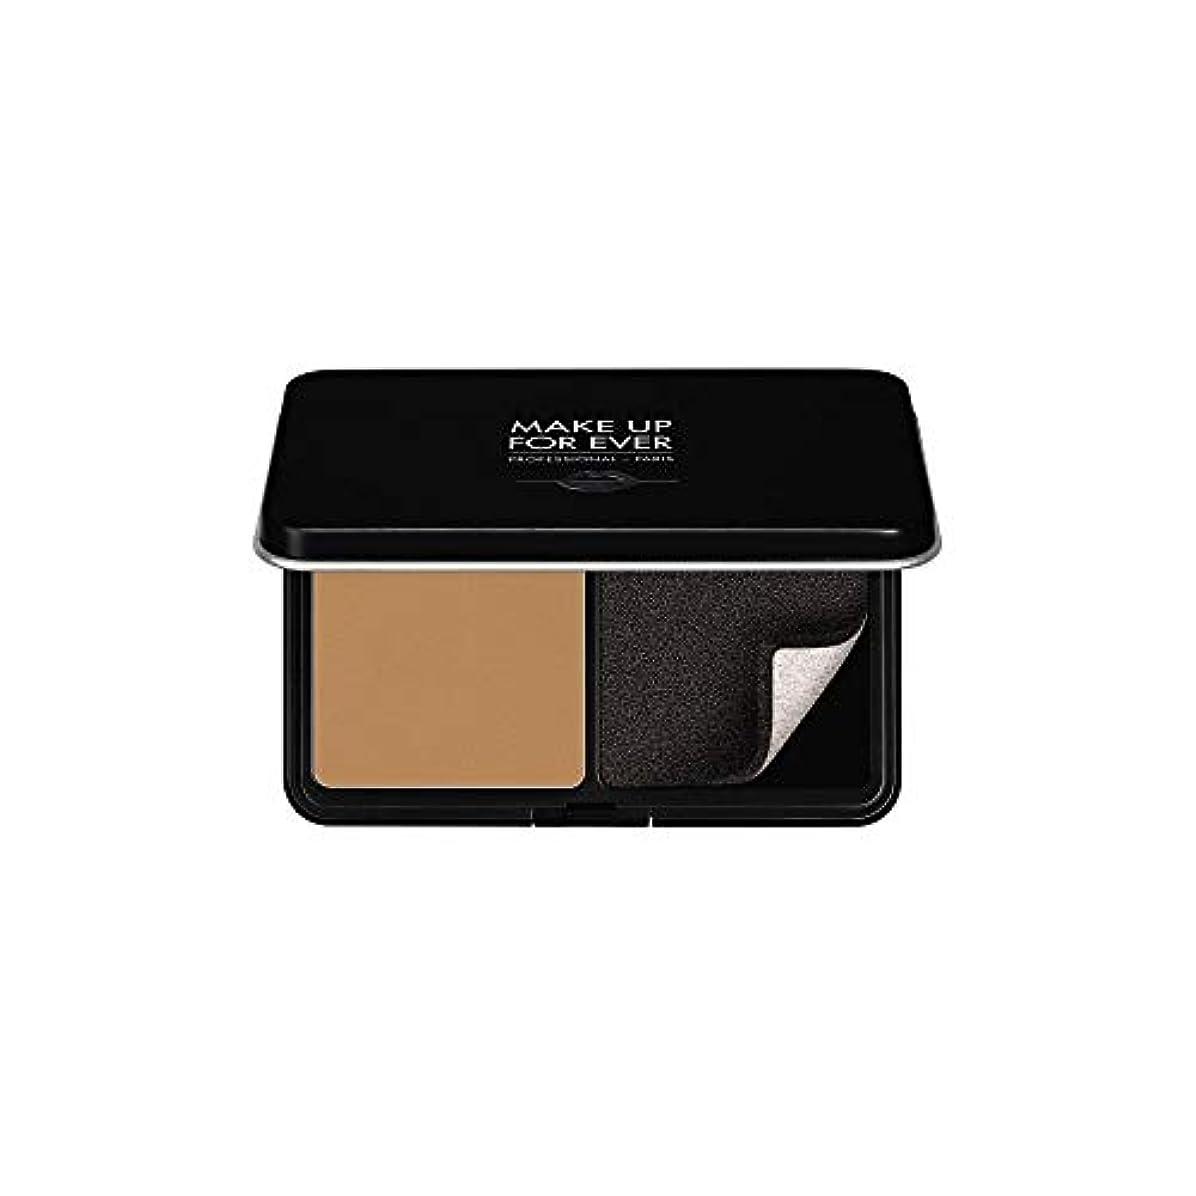 ショットジャベスウィルソンボトルネックメイクアップフォーエバー Matte Velvet Skin Blurring Powder Foundation - # Y415 (Almond) 11g/0.38oz並行輸入品